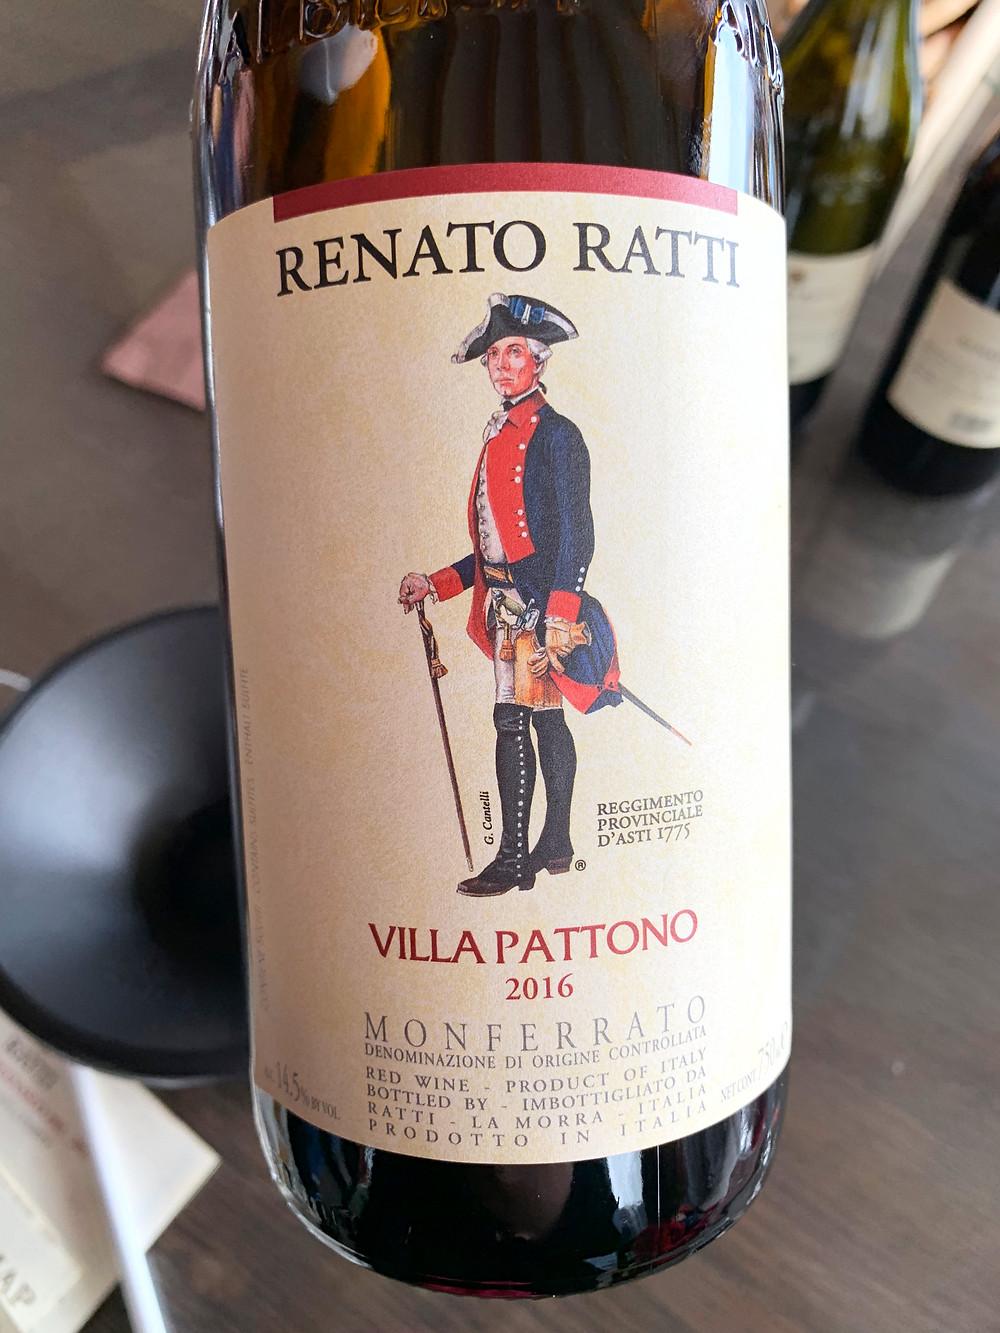 Renato Ratti, Barolo, Piemonte